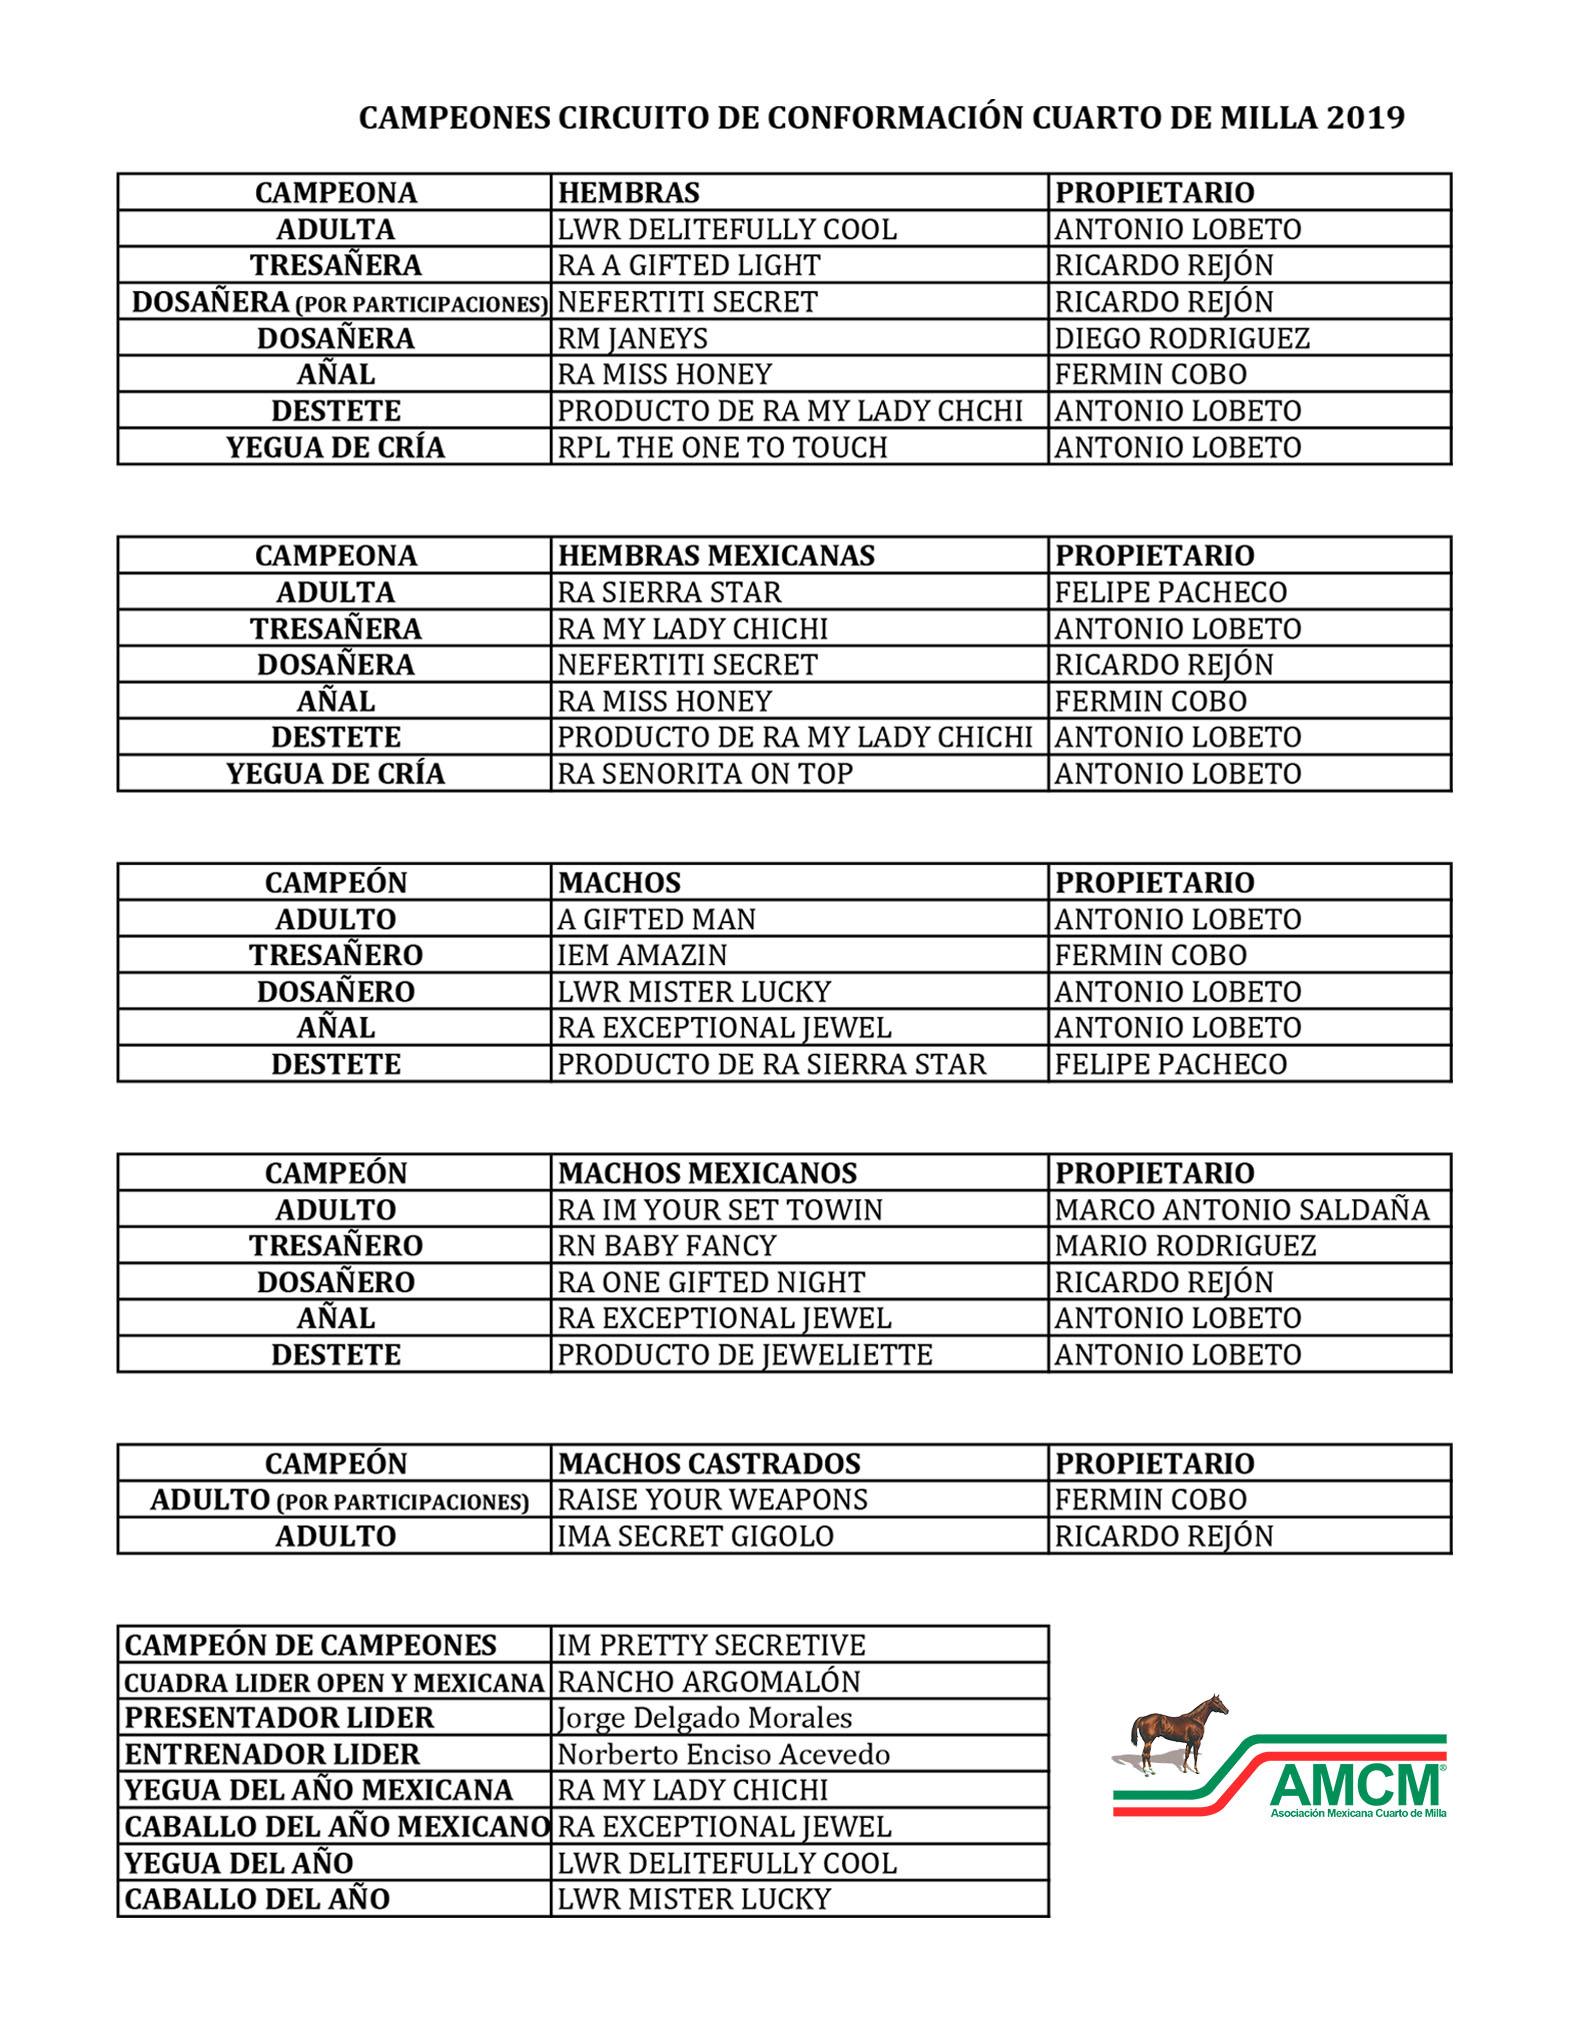 CAMPEONES CONFORMACION 2019 Ganadores 2019